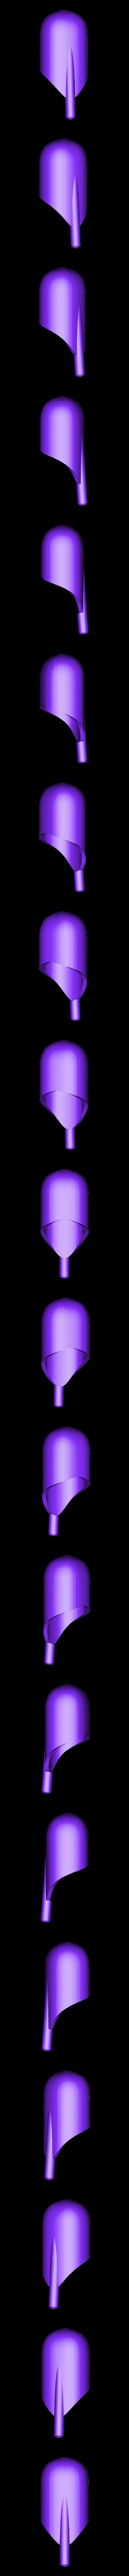 thimble2.stl Télécharger fichier STL gratuit Kara Kesh (arme de poing goa'uld) • Plan pour imprimante 3D, poblocki1982